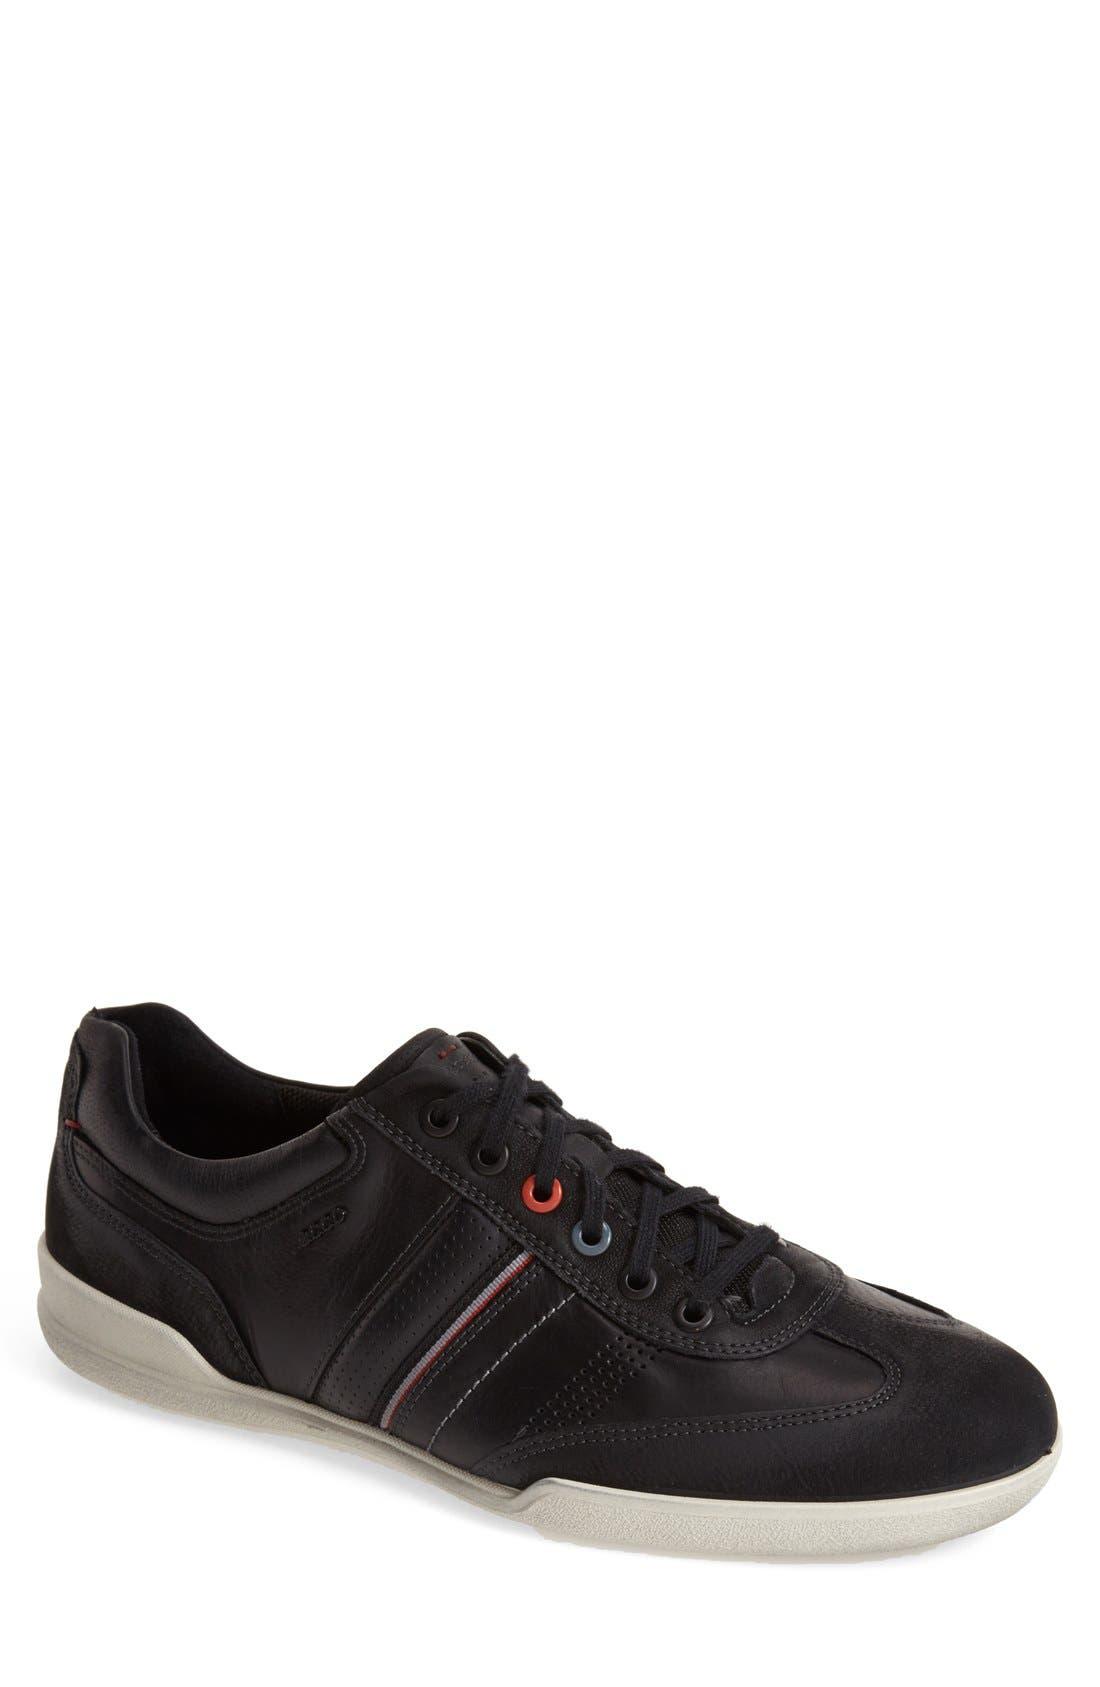 ECCO 'Enrico' Sneaker